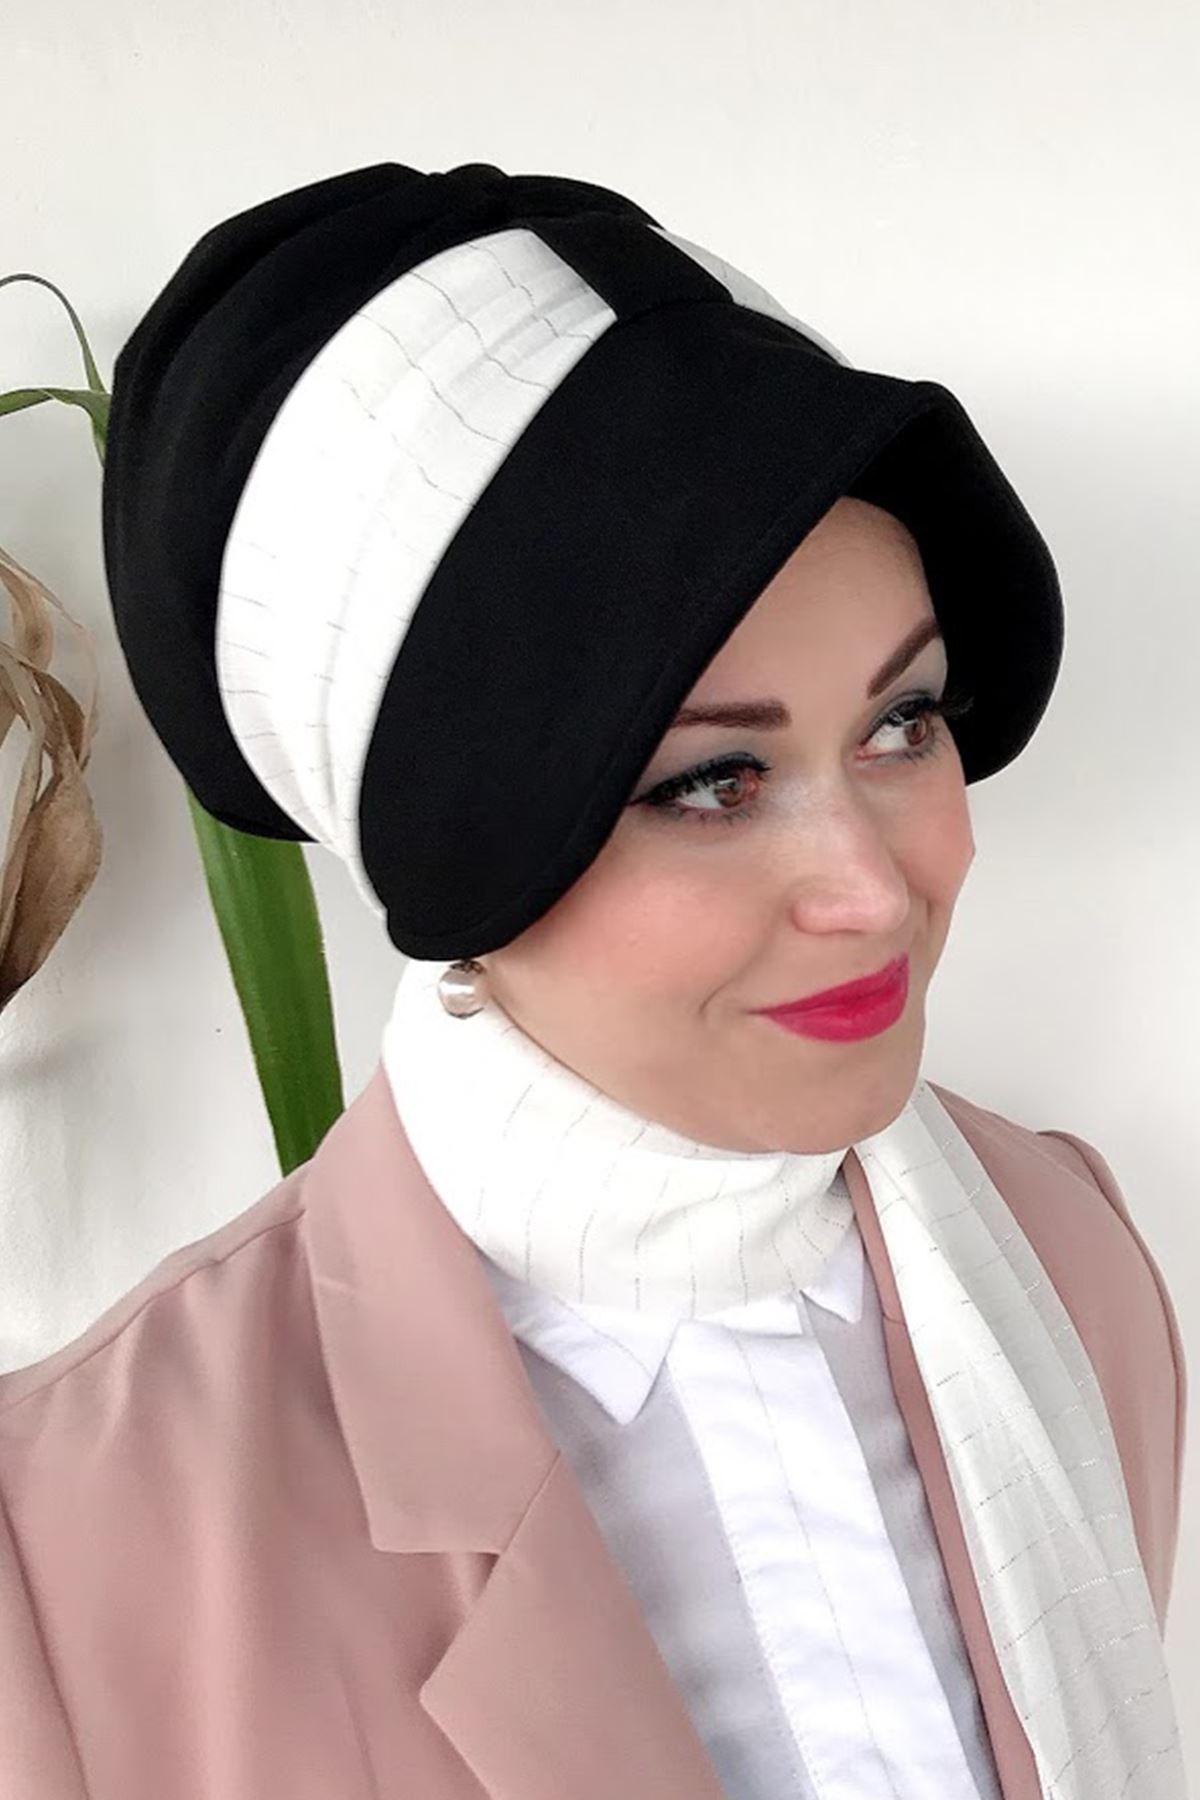 Beyaz İnce Çizgi Desenli Siyah Siperli Şapka